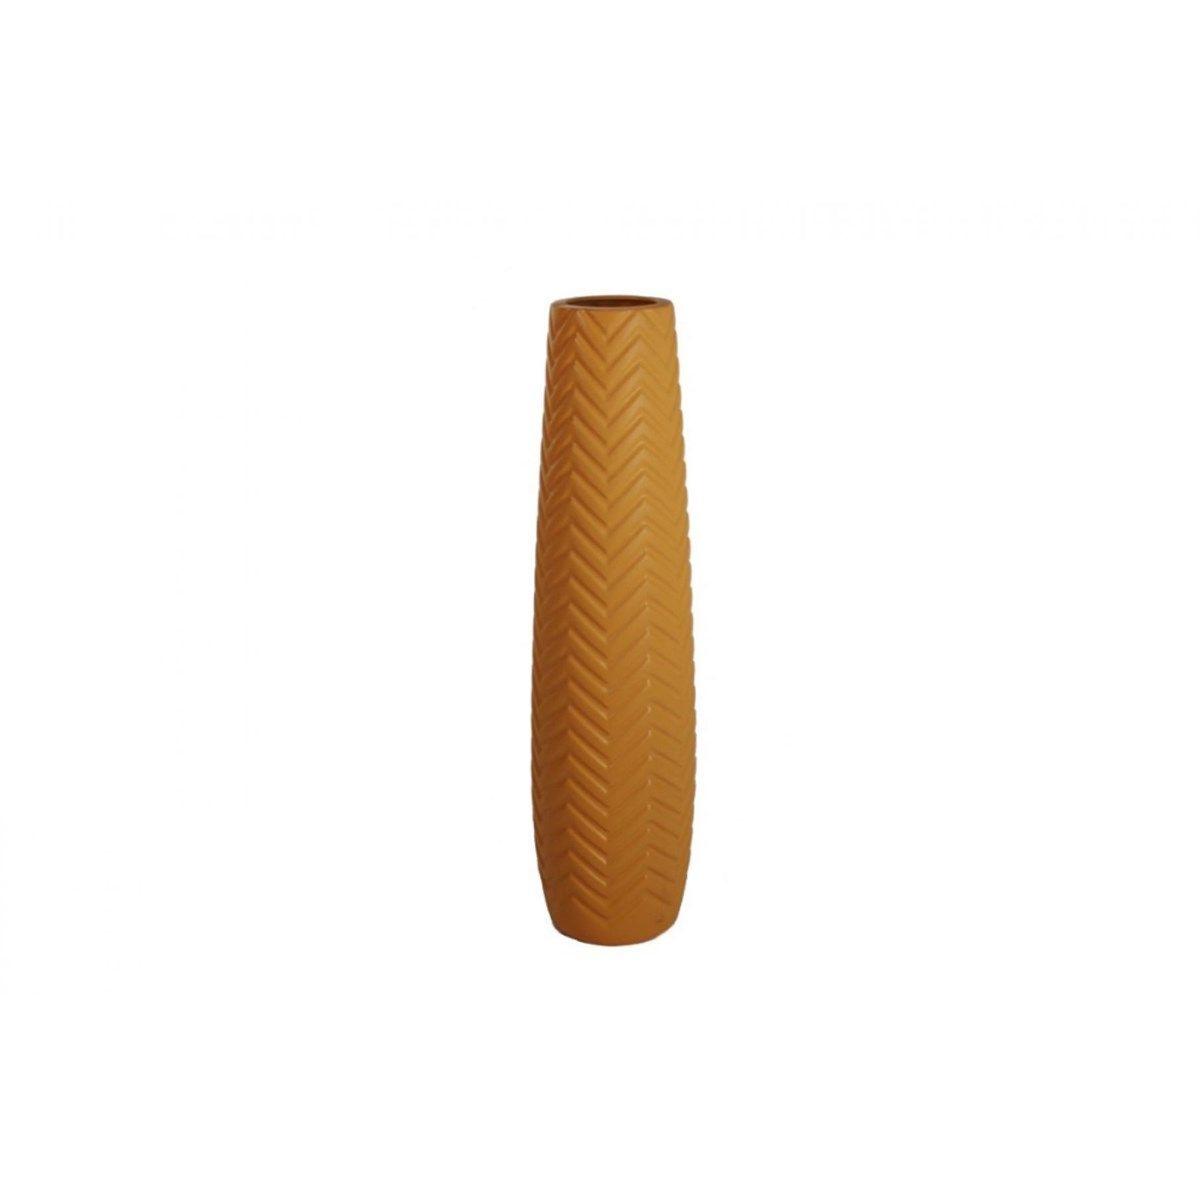 Vases Décor Géométrique Jaune Moutarde ELOQUENCE 78 cm